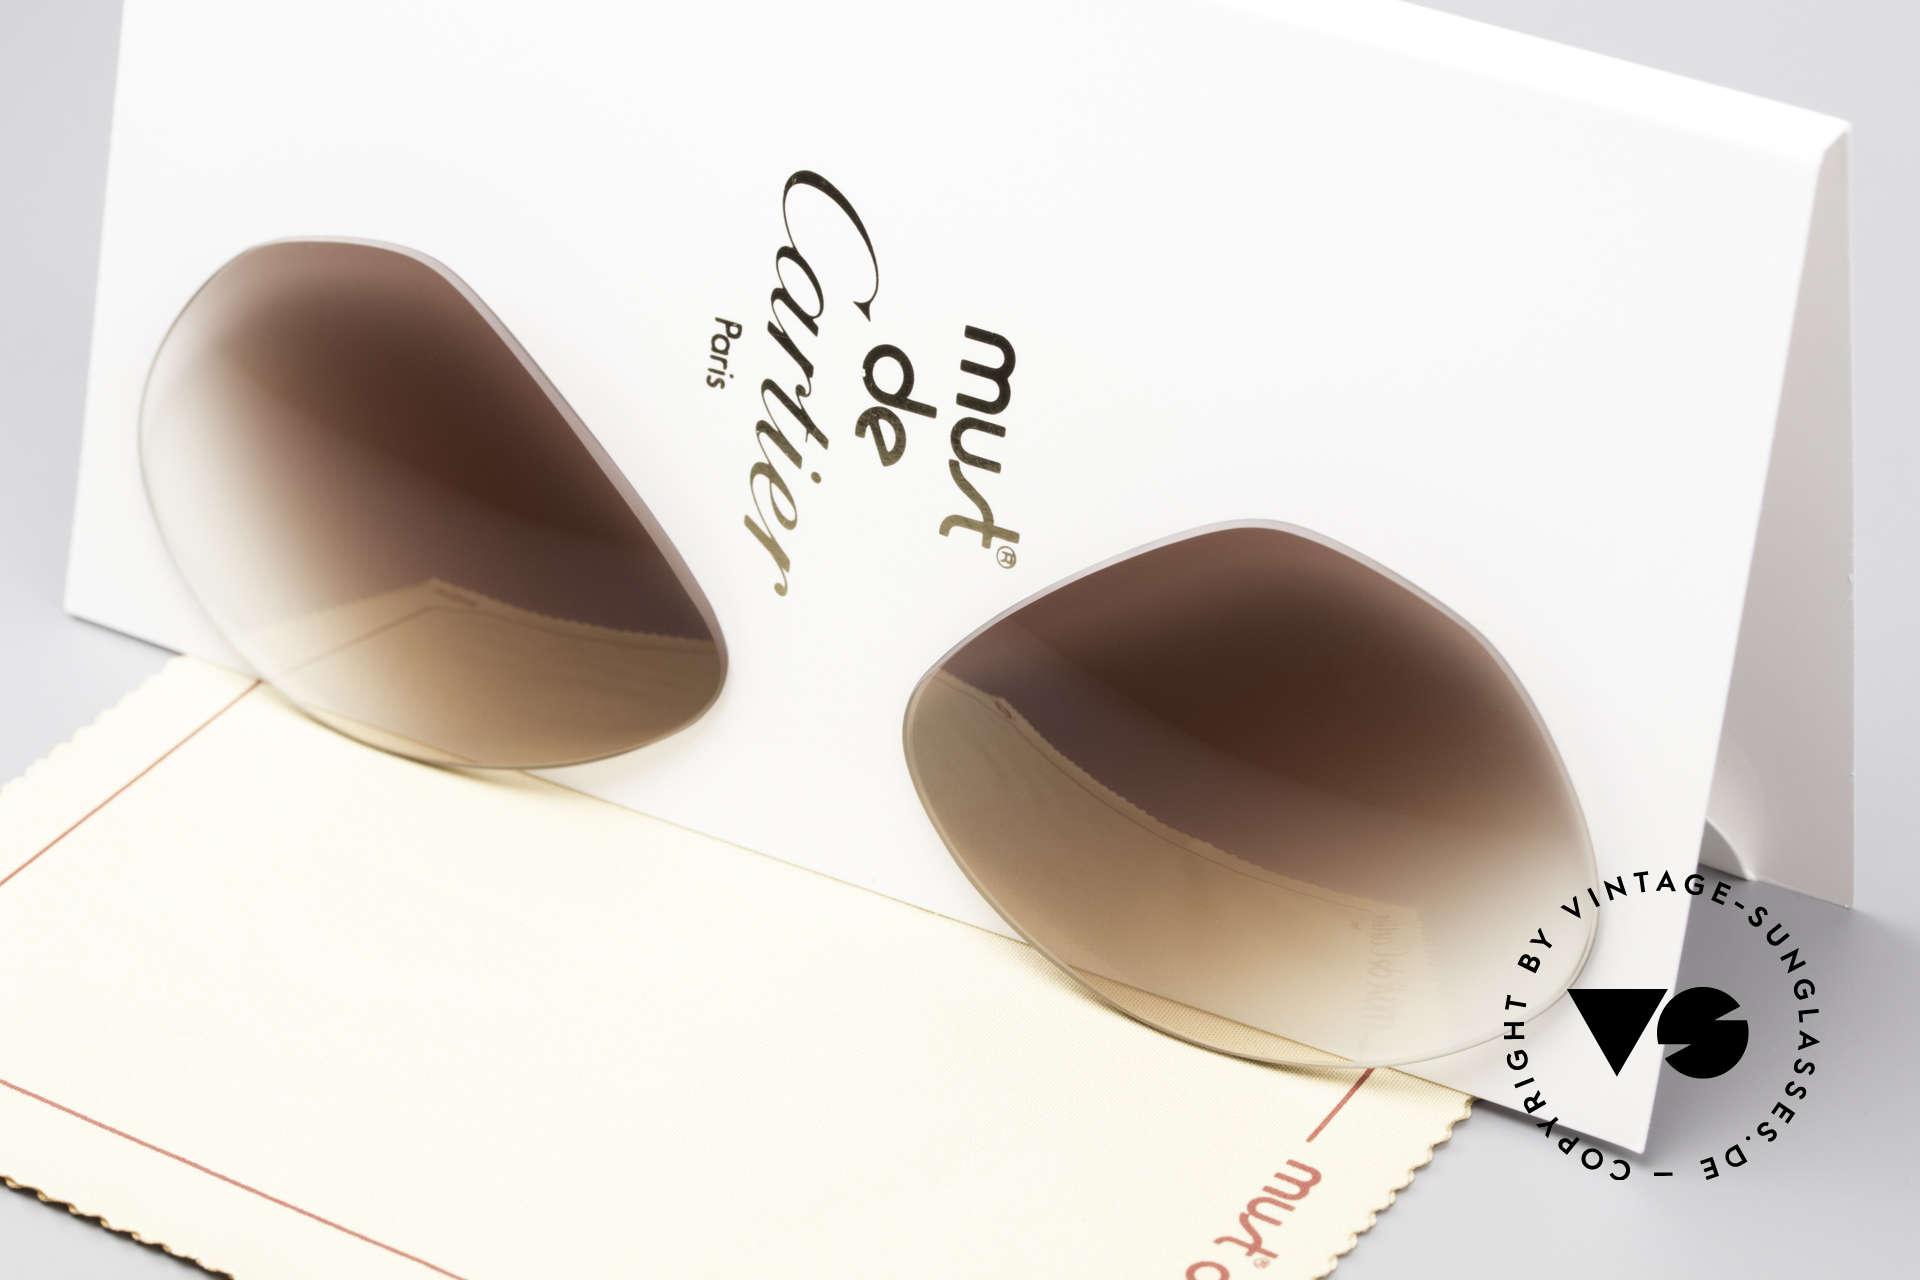 Cartier Vendome Lenses - M Sun Lenses Brown Gradient, new CR39 UV400 plastic lenses (for 100% UV protection), Made for Men and Women